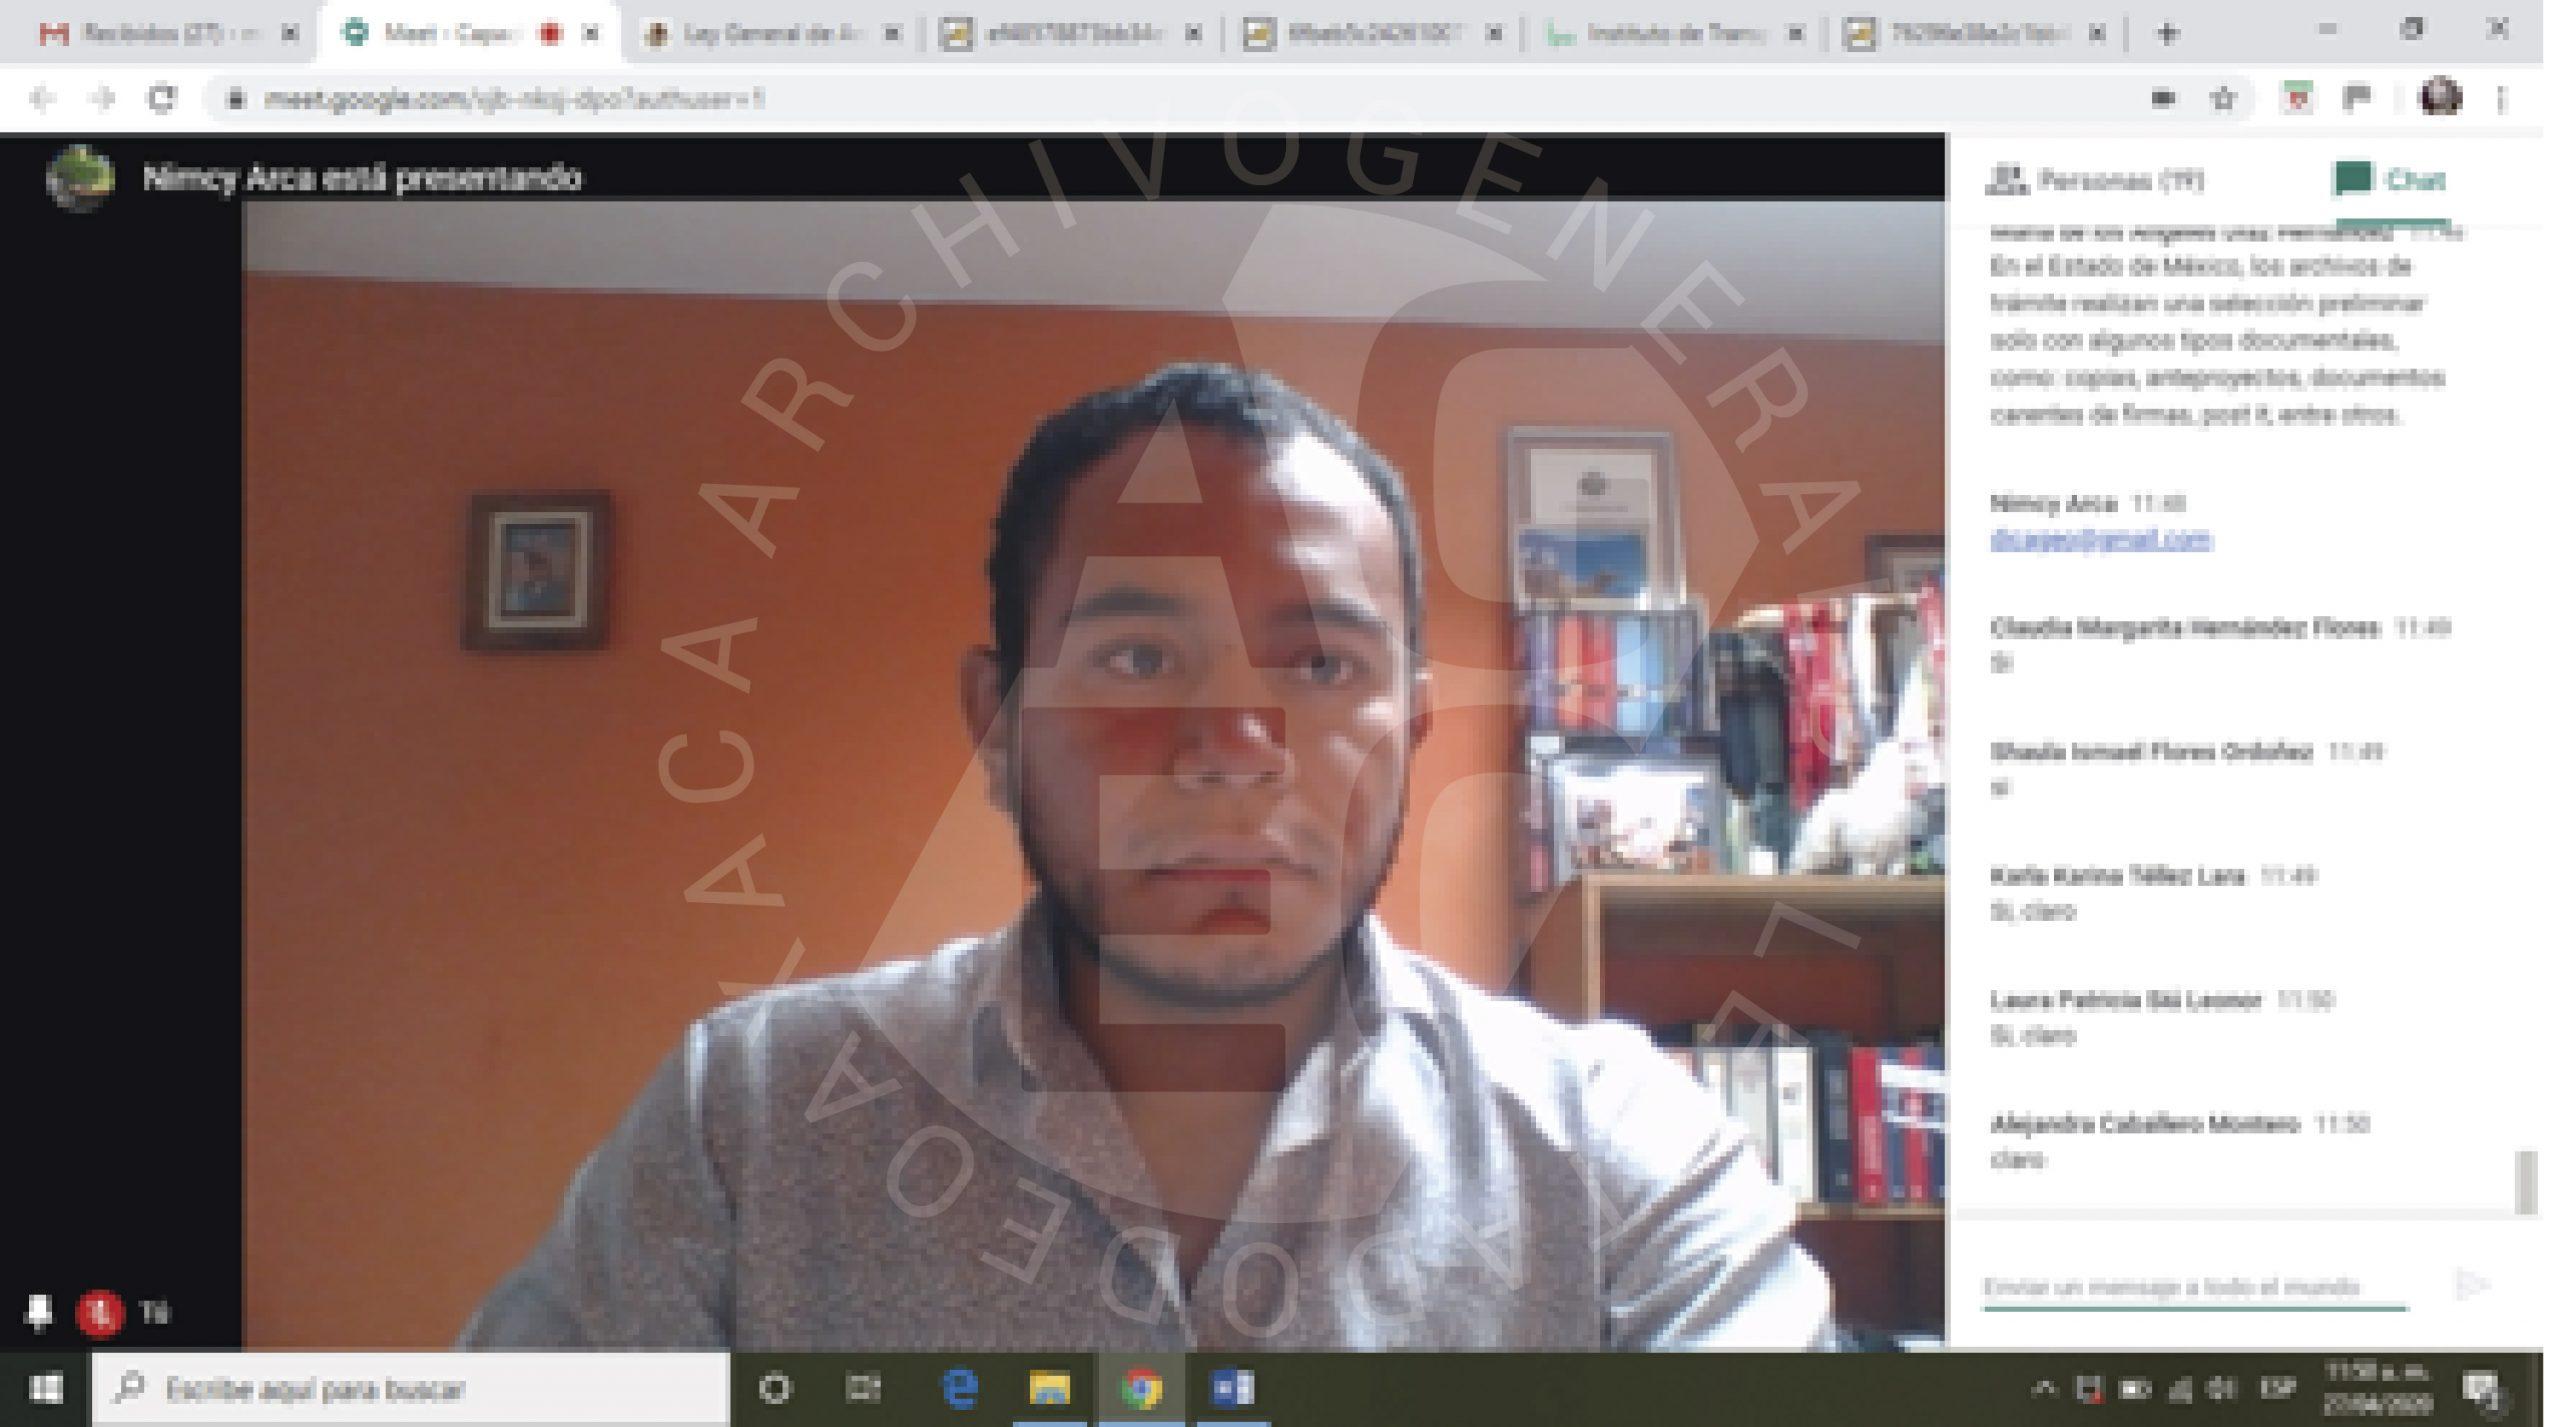 Instituto de Transparencia, Acceso a la Información Pública y Protección de los Datsos Personales del Estado de México y Municipios